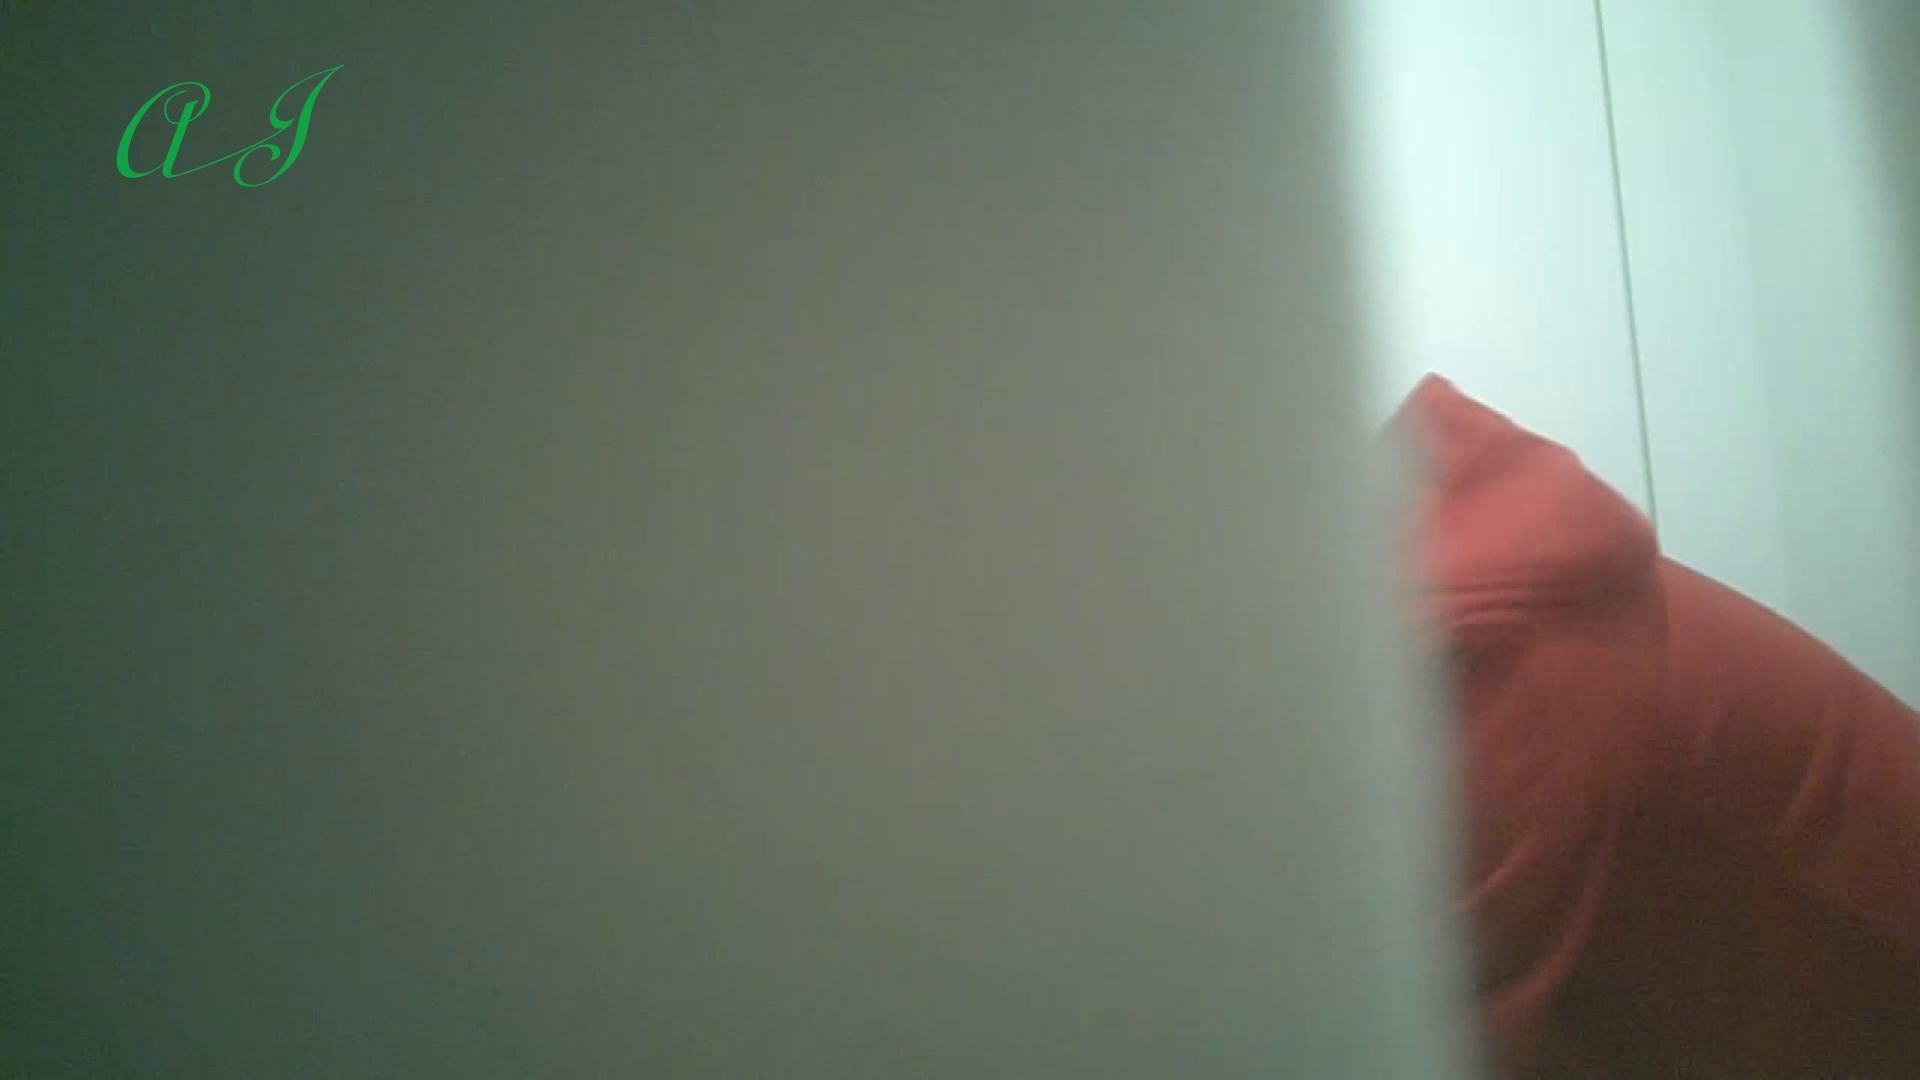 有名大学女性洗面所 vol.59 新アングル追加!相変わらずの美女率!! 排泄 おまんこ無修正動画無料 92枚 13